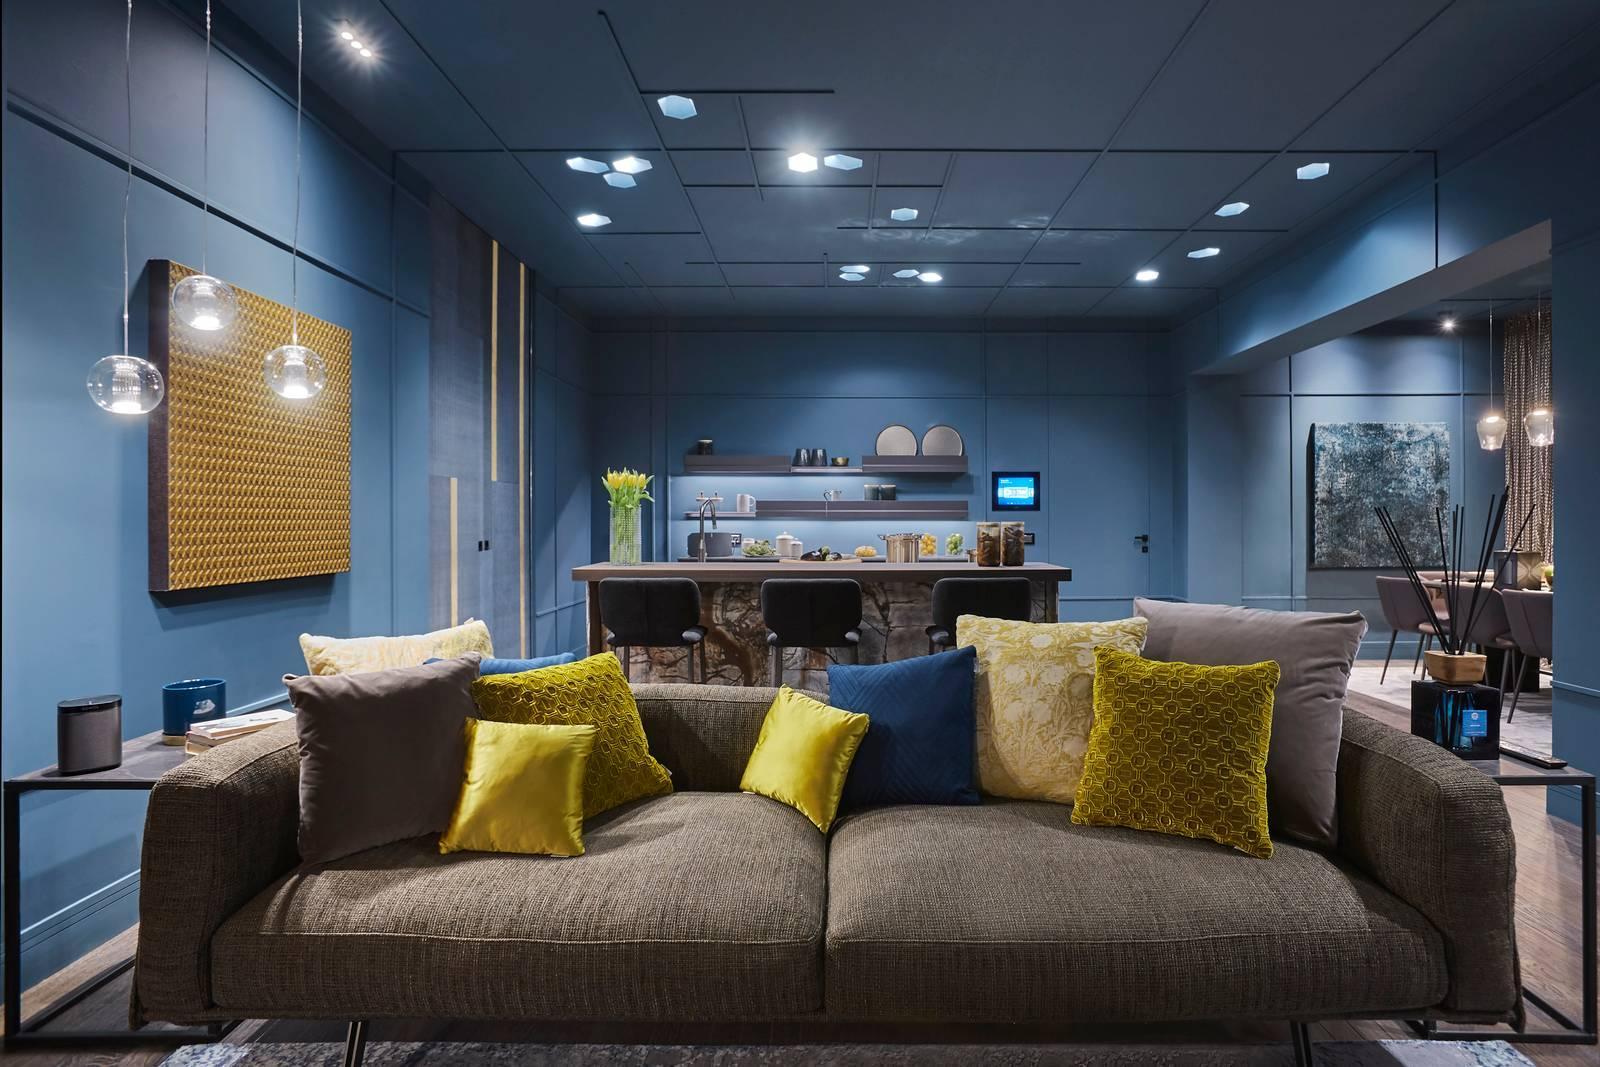 Andrea castrignano al fuorisalone 2018 con l 39 attico roof for Andrea castrignano colori pareti